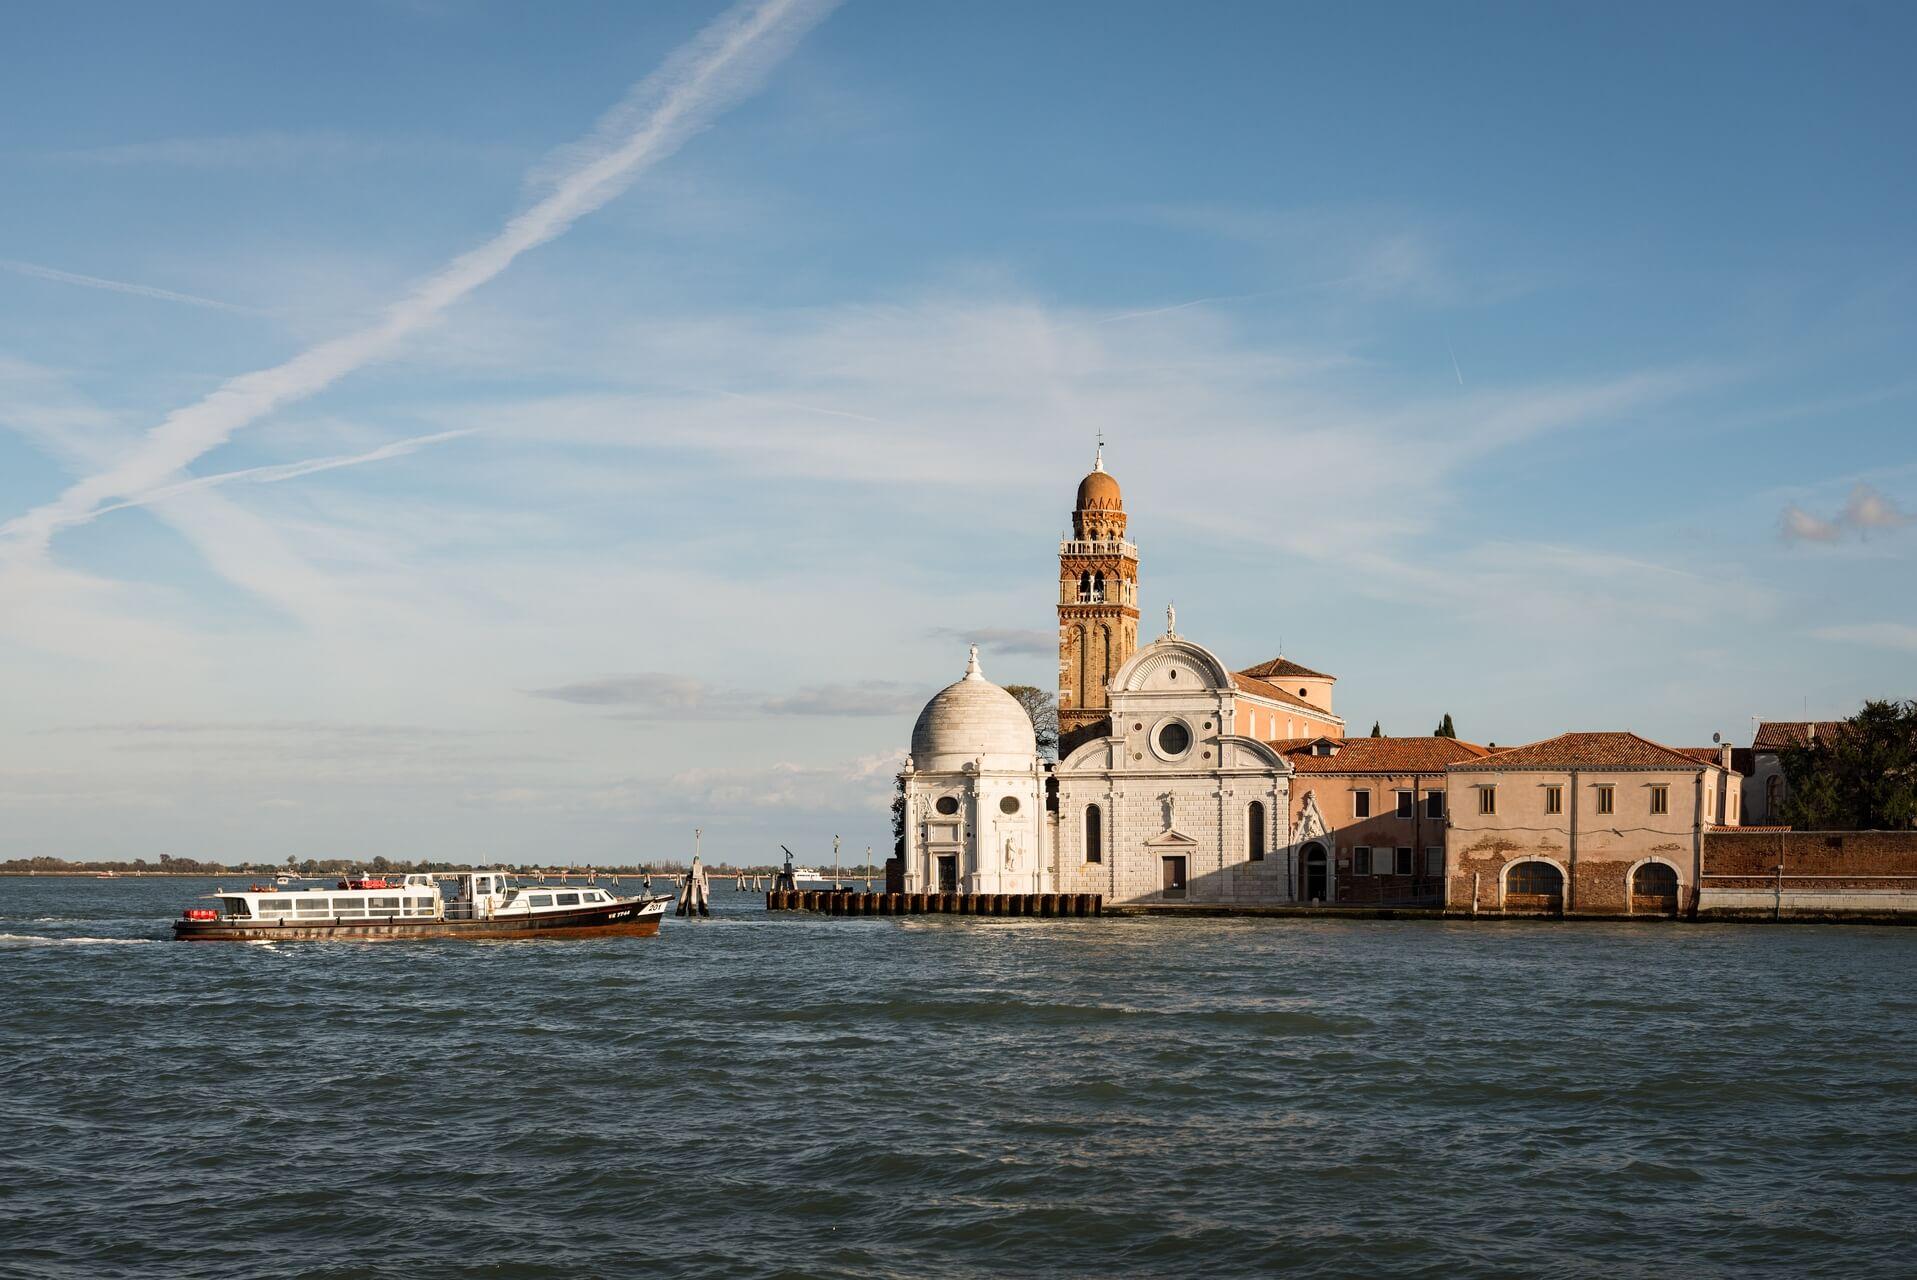 Italien: Laguna di Venezia - San Michele, Fotograf: Steffen Lohse